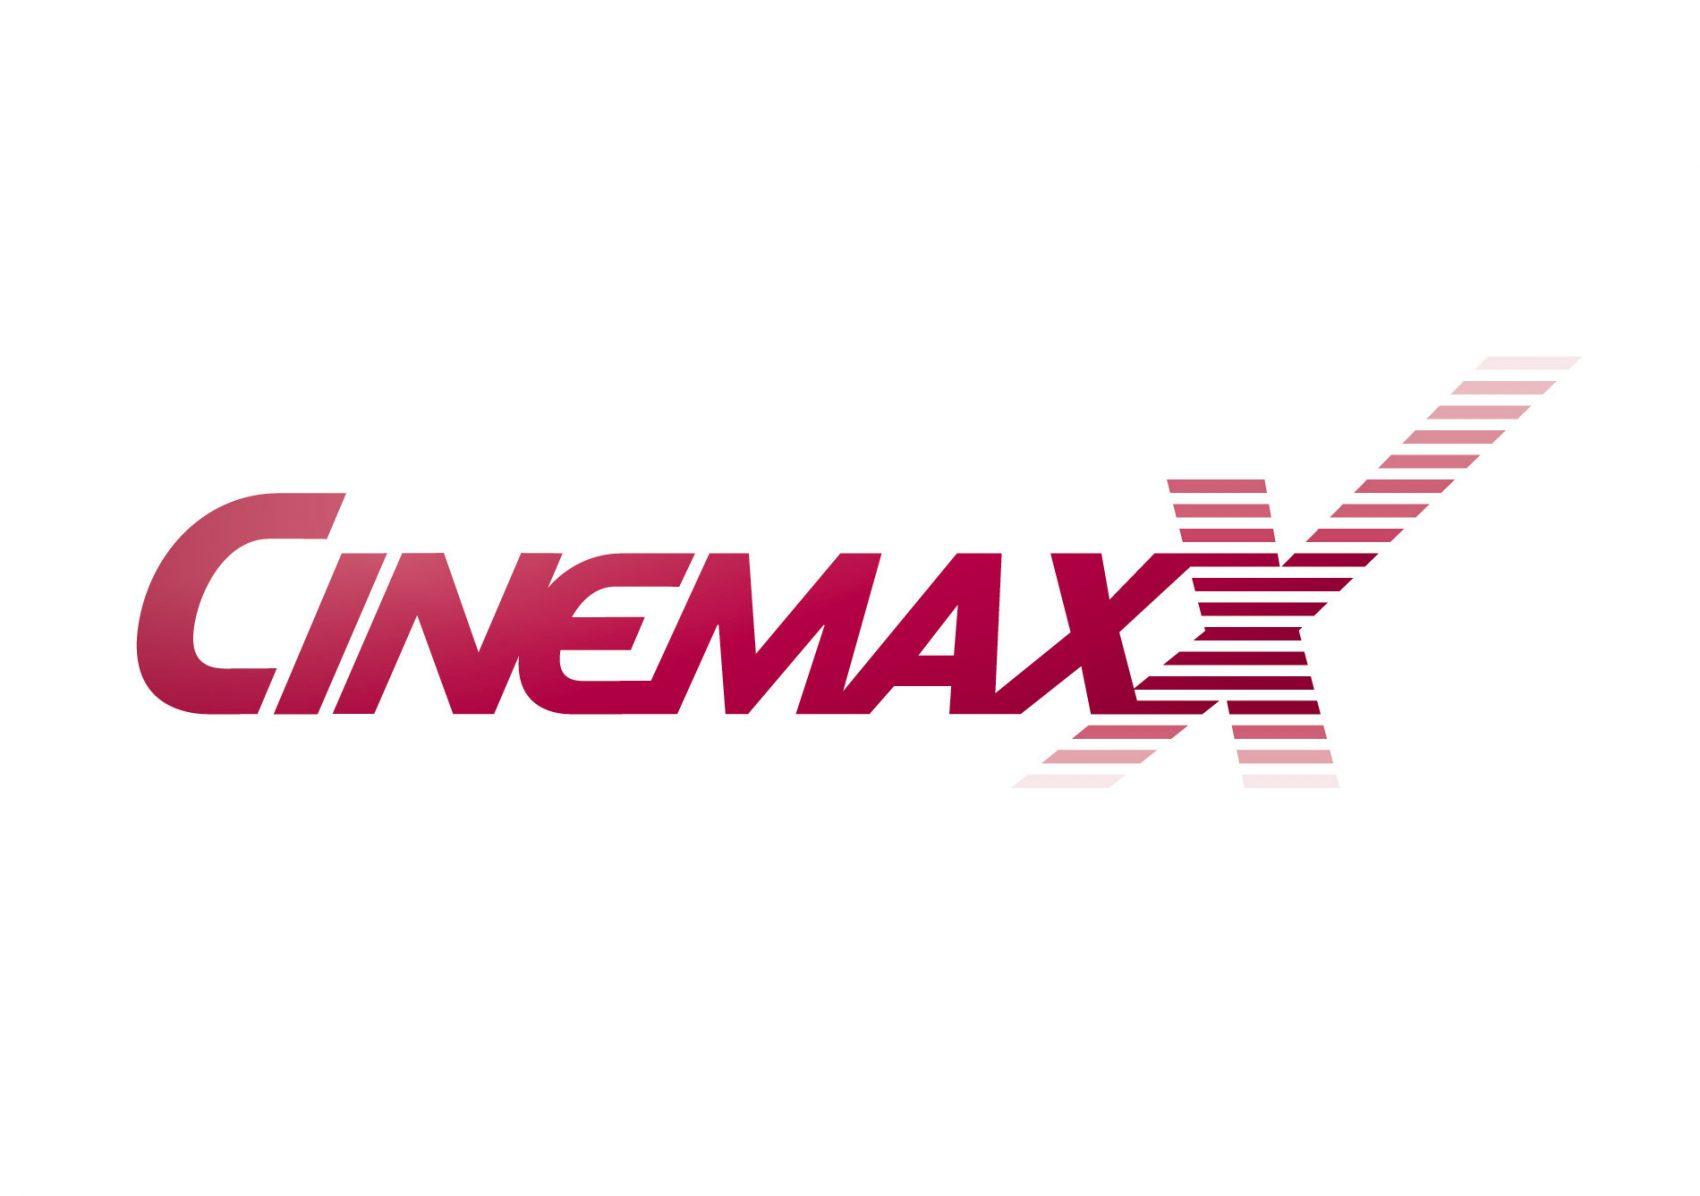 cinemaxx_bearbeitet